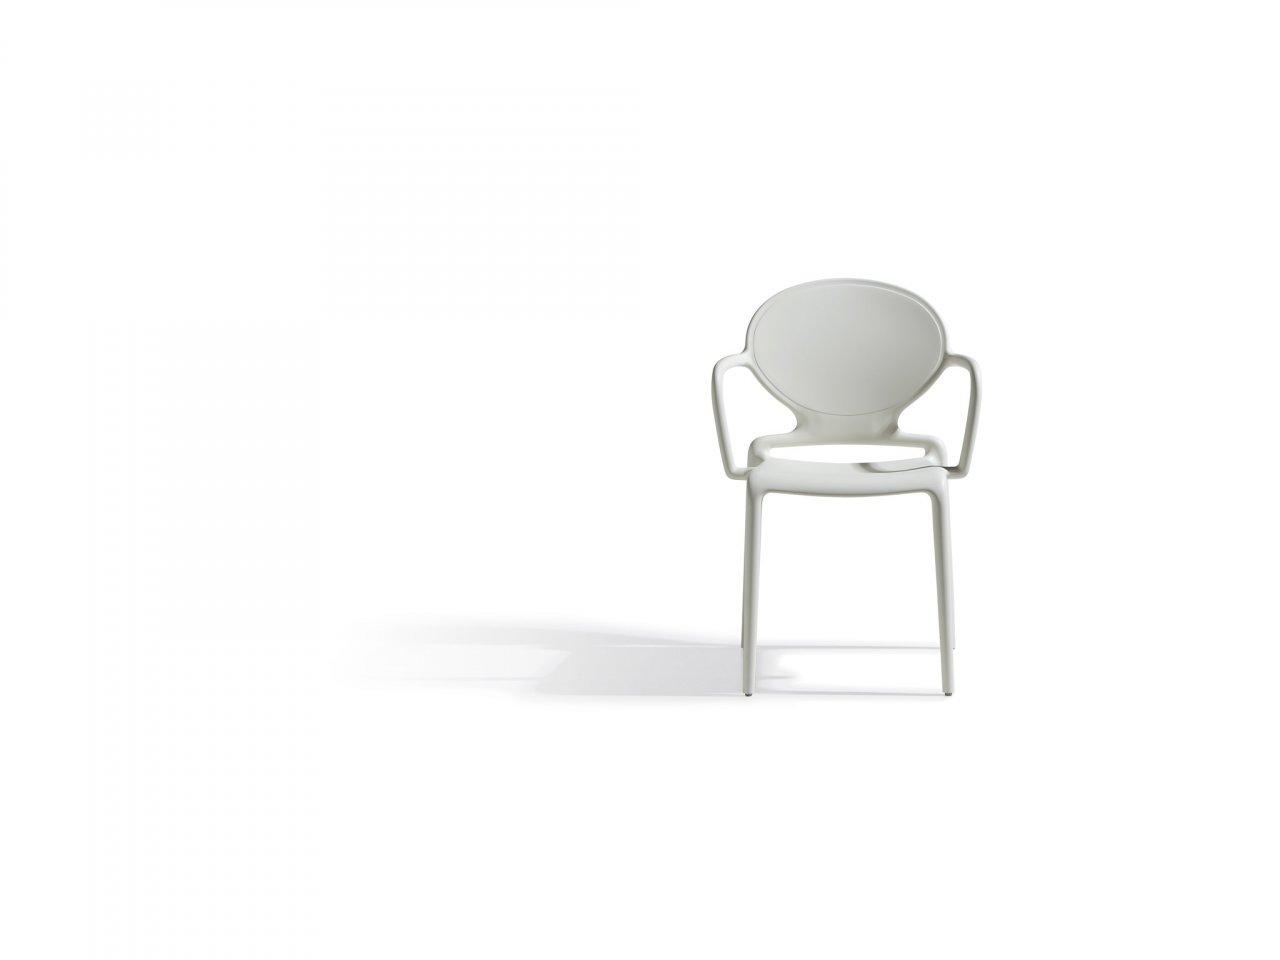 Sedia Con Braccioli Gio - v6